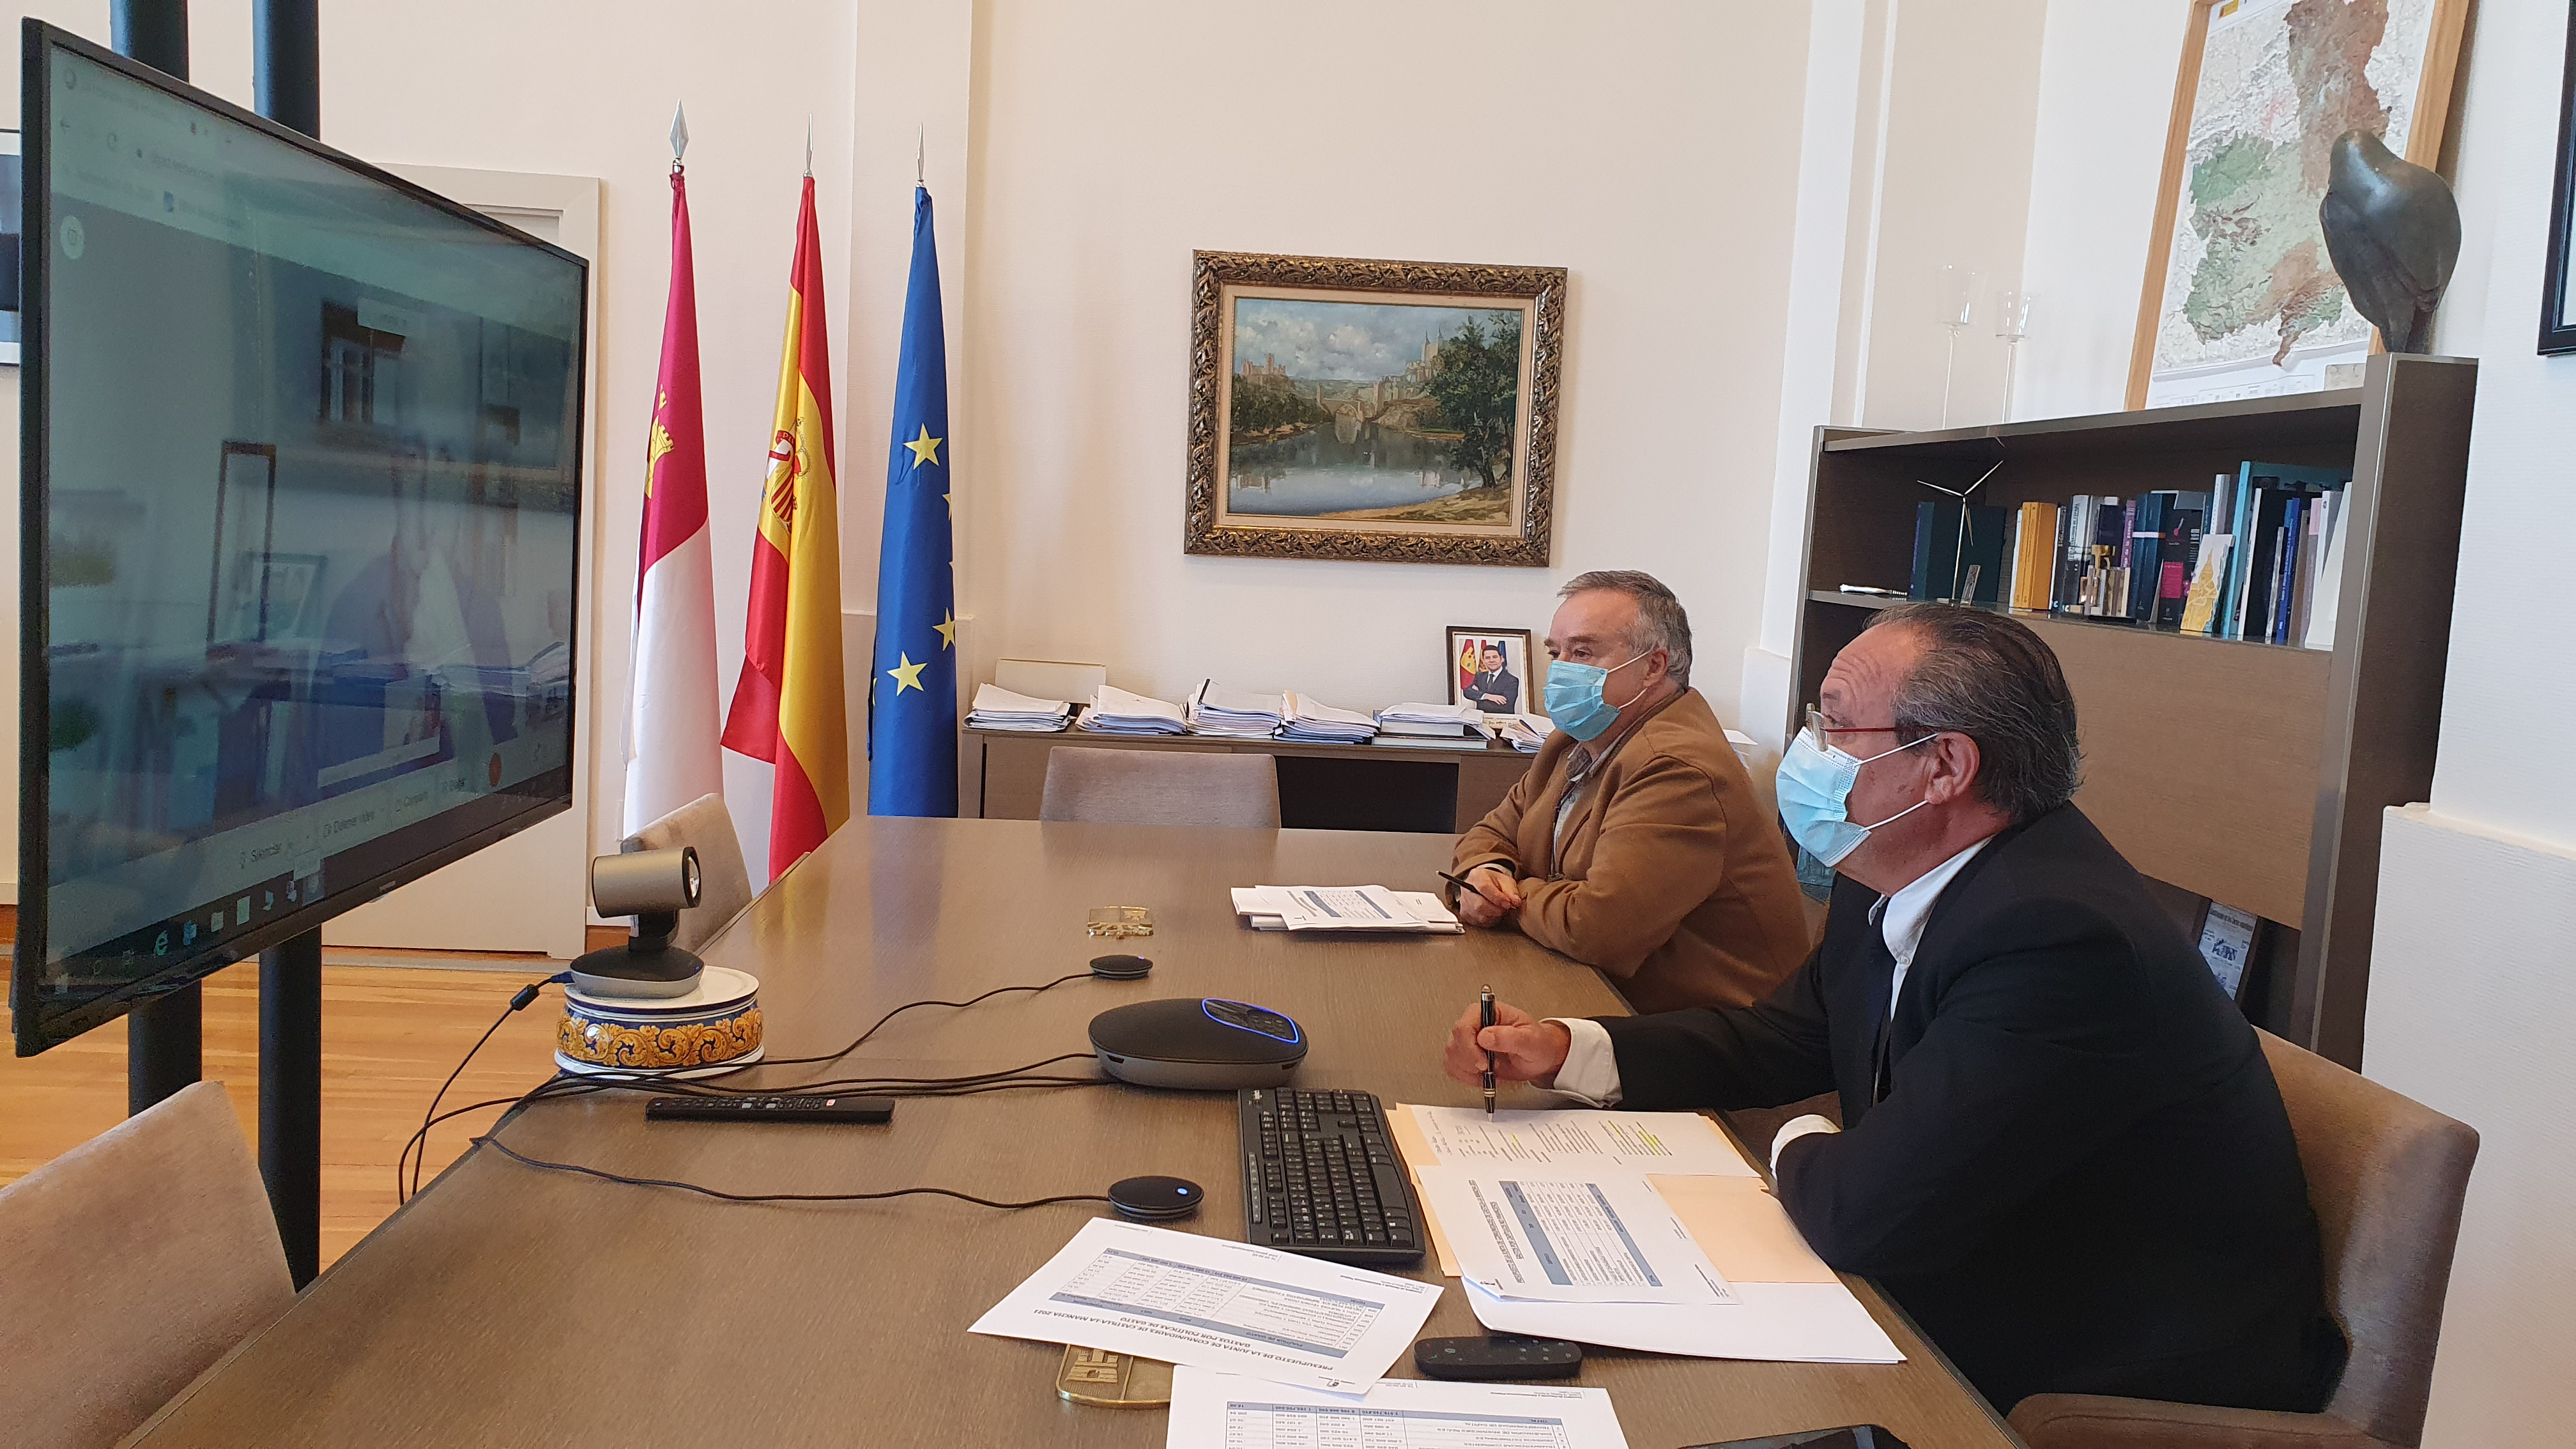 El Gobierno regional y Ciudadanos mantienen una reunión sobre los presupuestos regionales para el próximo año